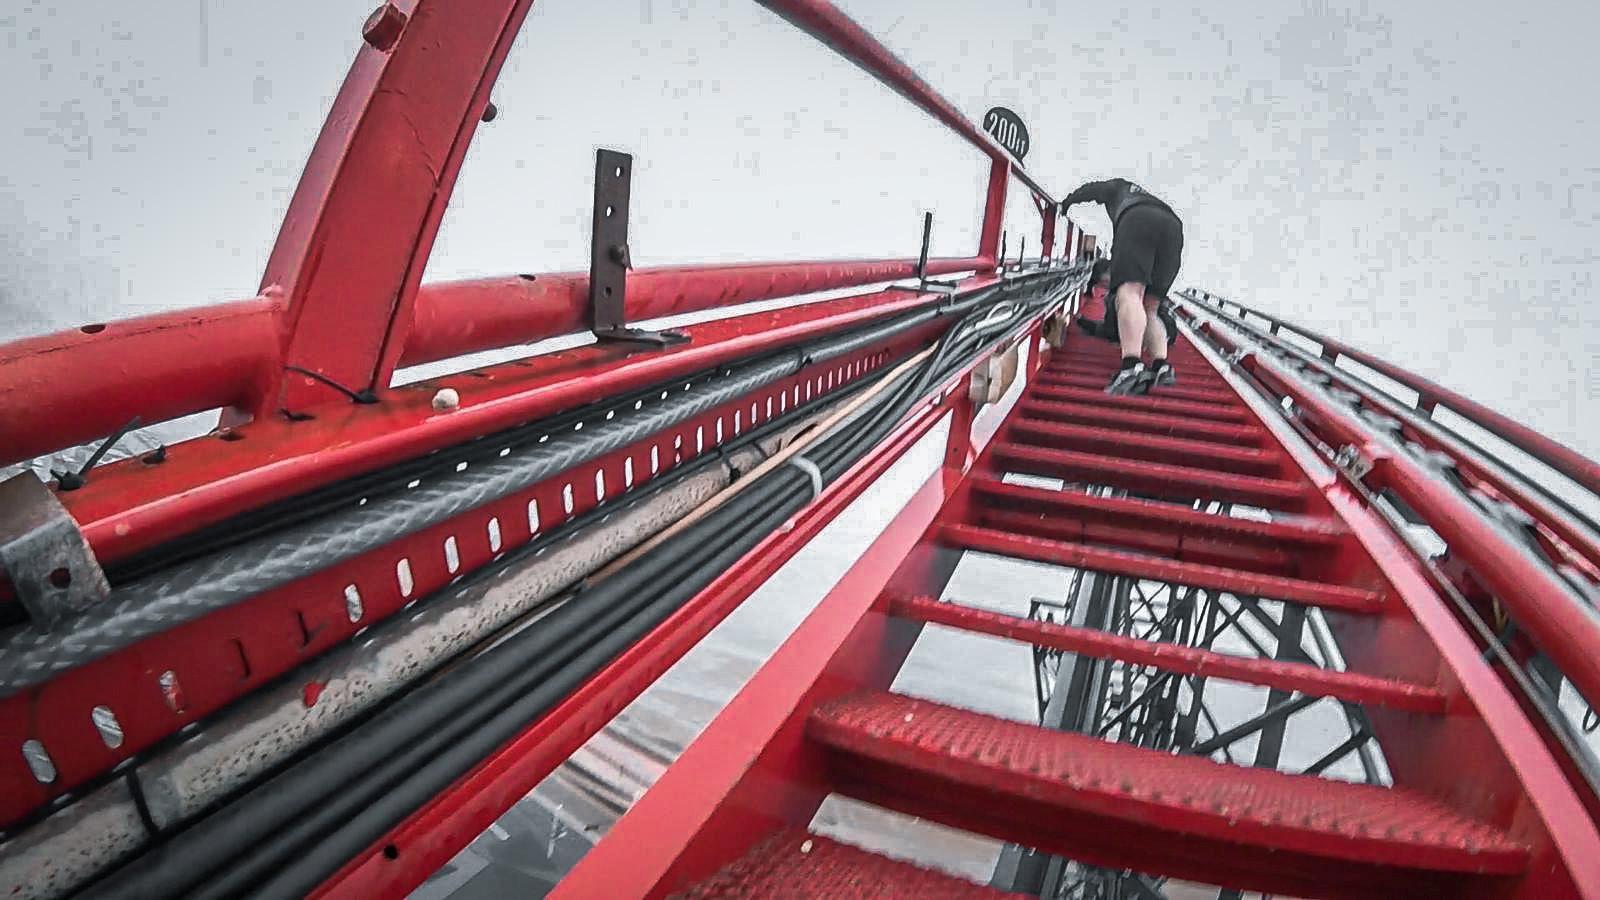 Rollercoaster trespass